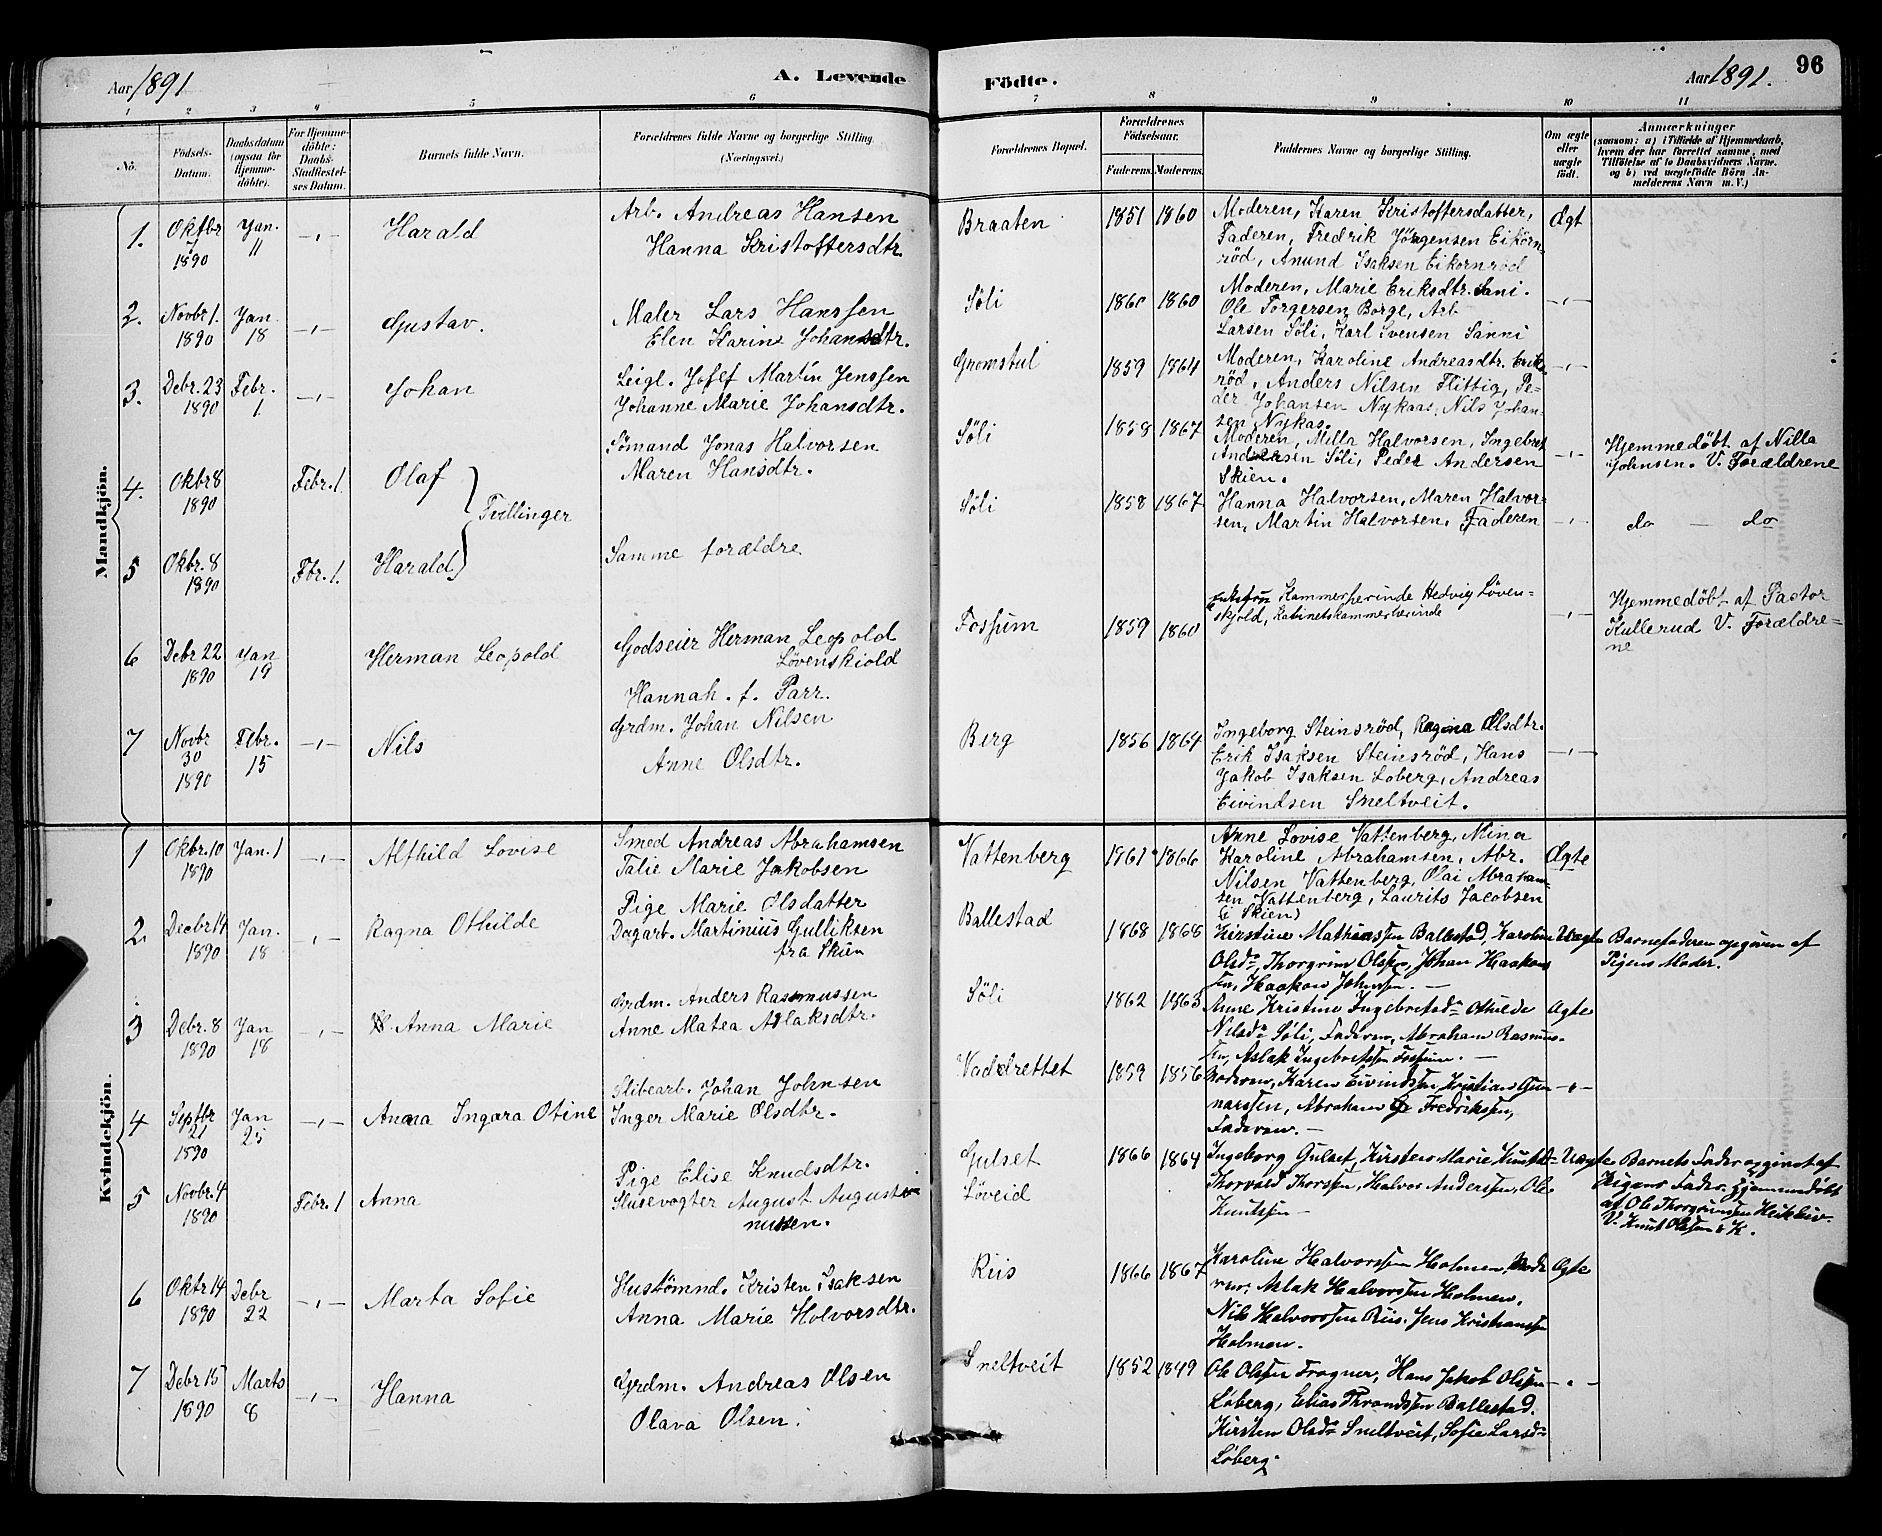 SAKO, Gjerpen kirkebøker, G/Ga/L0002: Klokkerbok nr. I 2, 1883-1900, s. 96